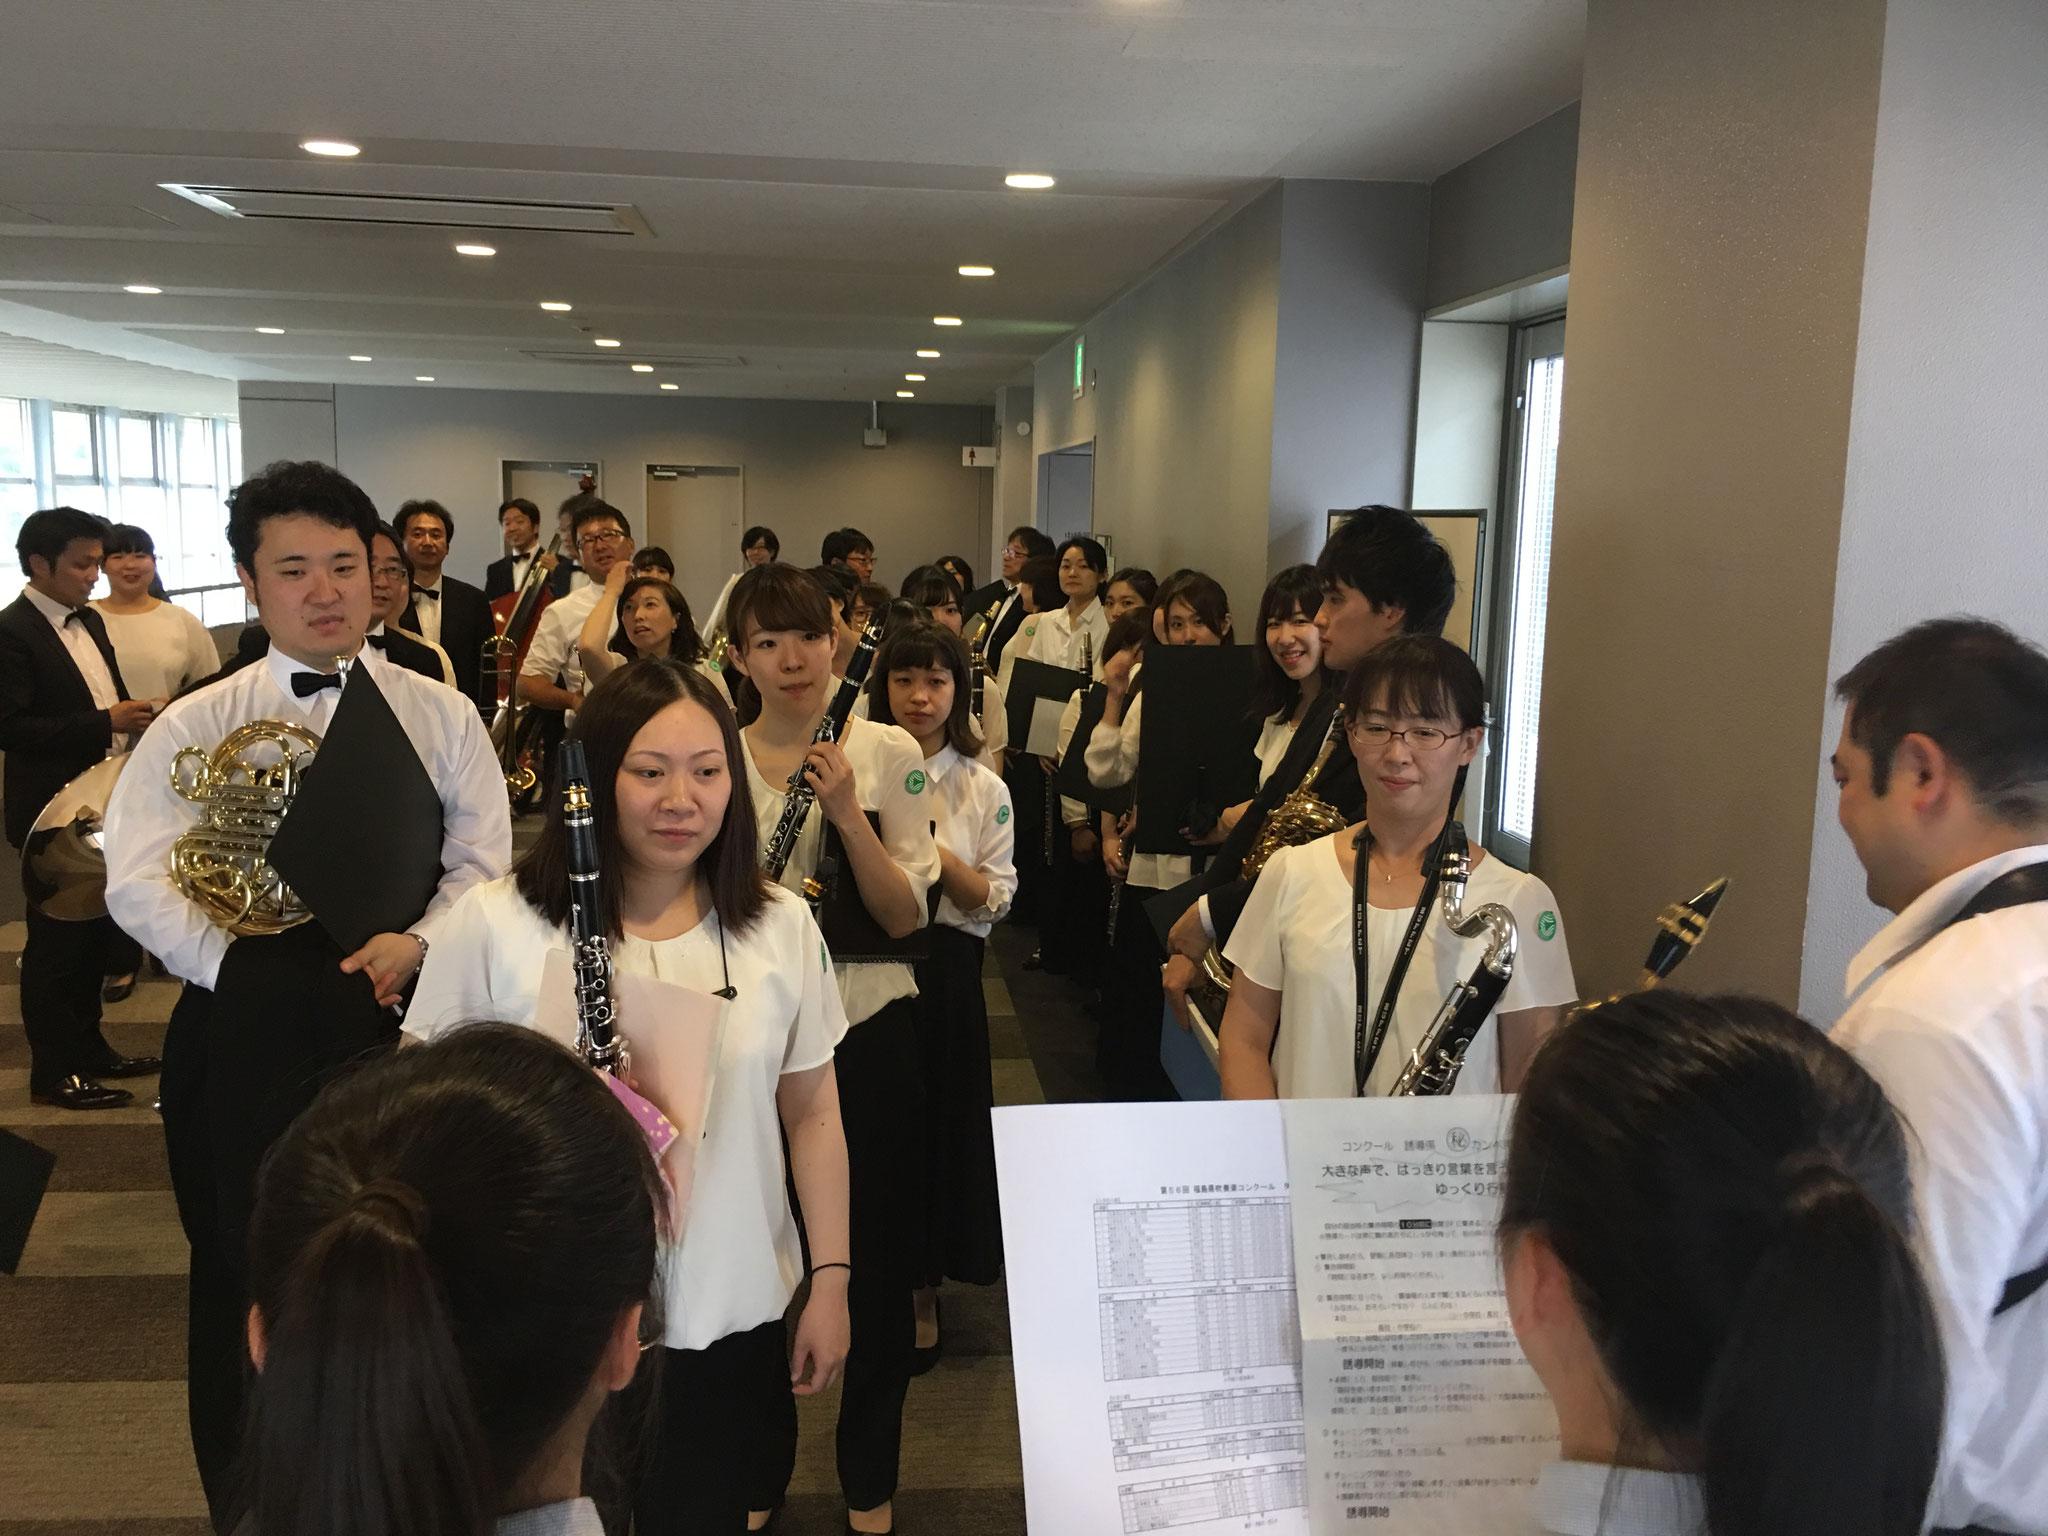 集合場所からは高校生が案内してくれます。今年のフィールの担当は湯本高校の生徒さん。前日、バーンズの3番を演奏し見事福島県代表となりました。おめでとう!